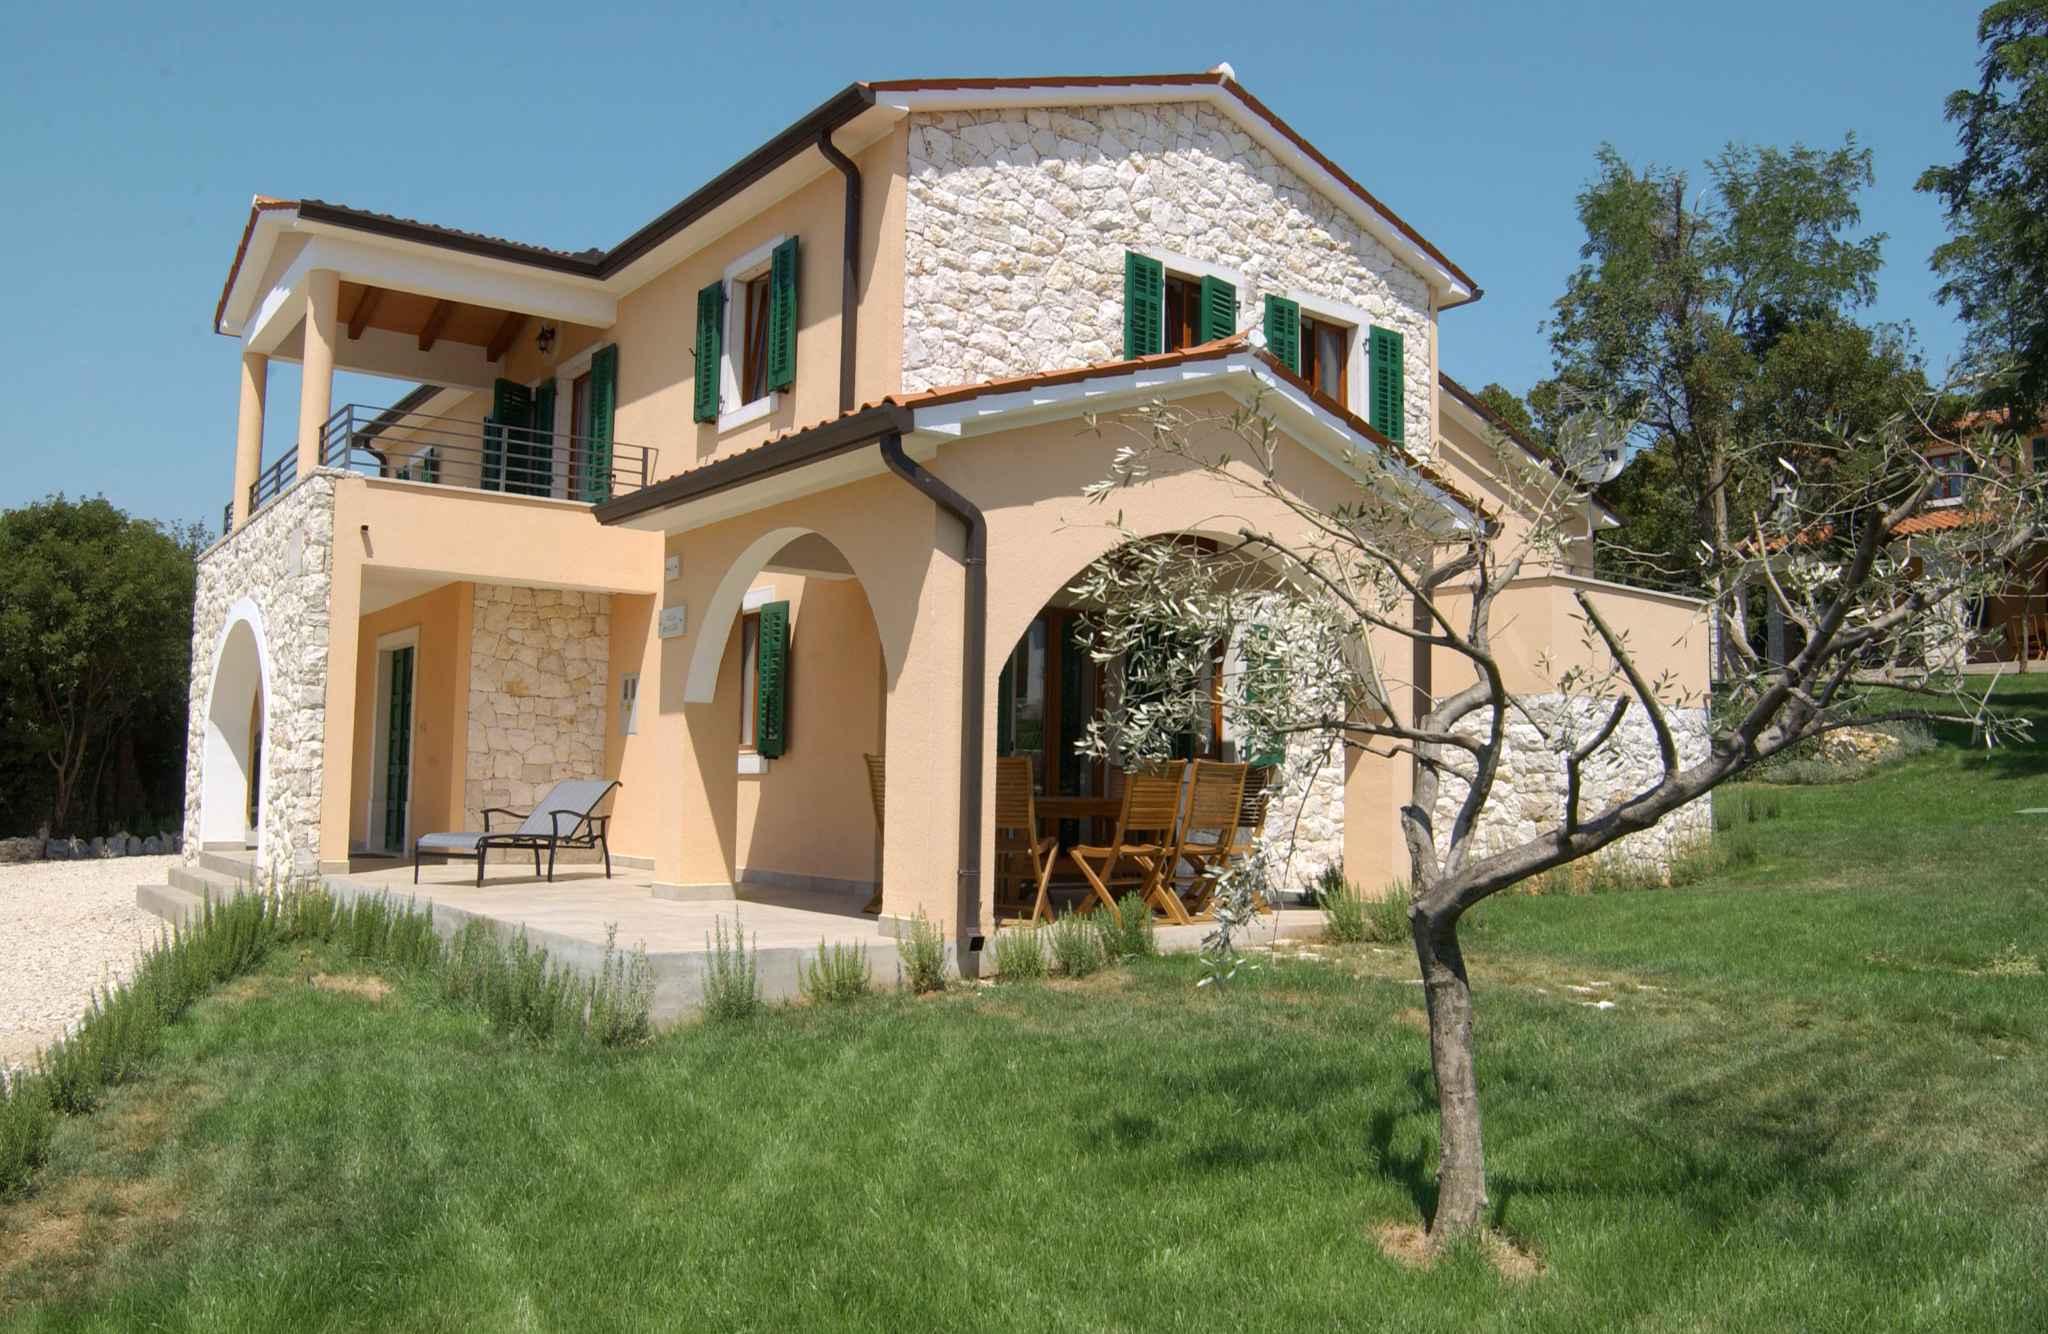 Ferienhaus in Country-style mit herrlichen Ausblic  in Kroatien